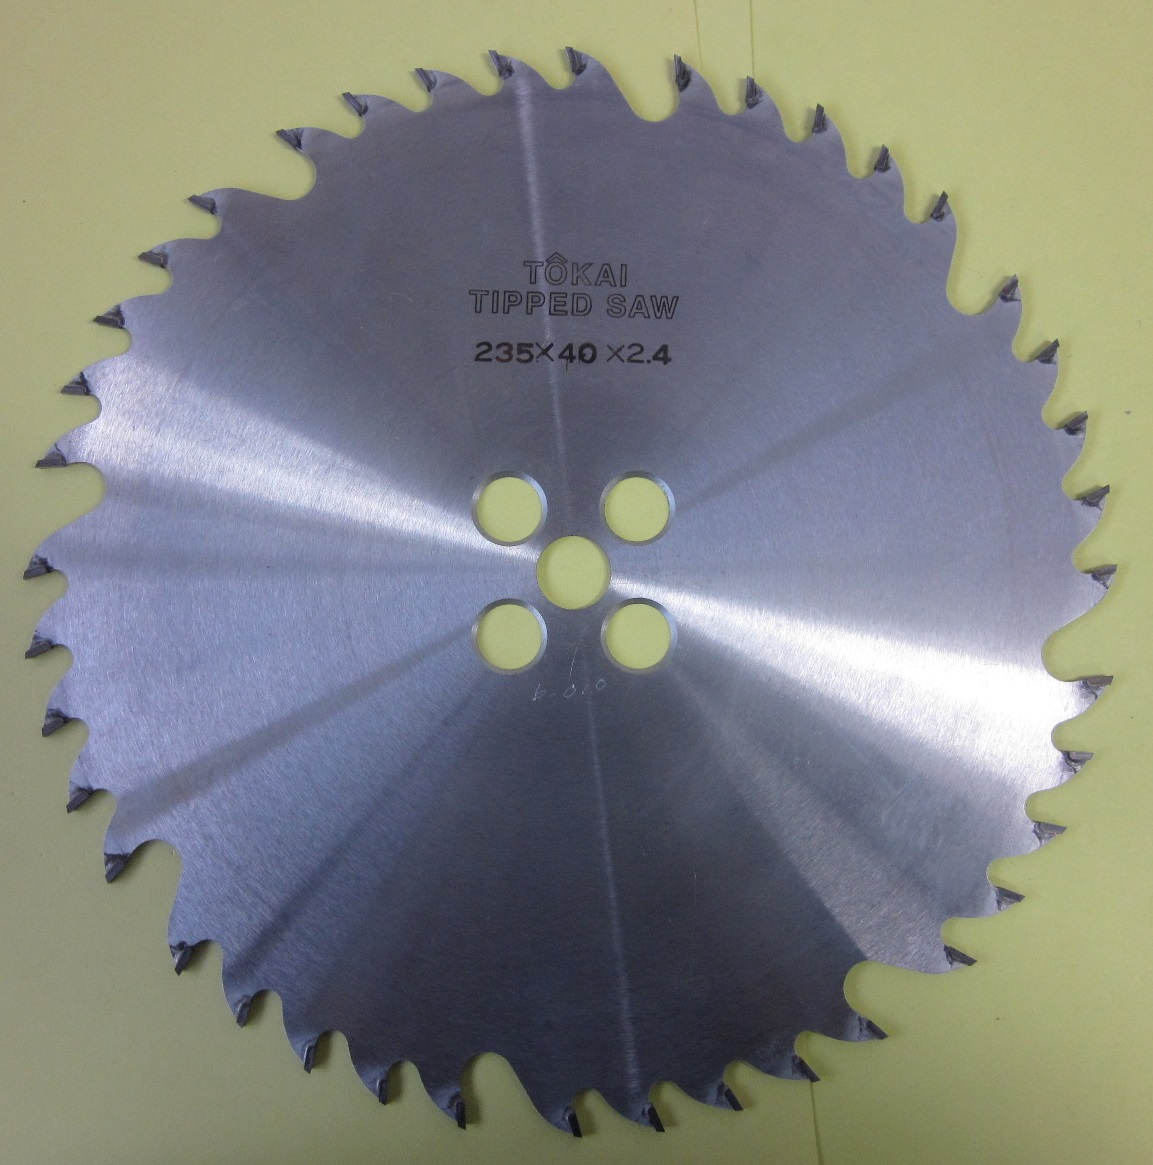 遠州丸鋸 木工用 ホゾ取りタテ235x40Px2.4mmx16mm マキタ用